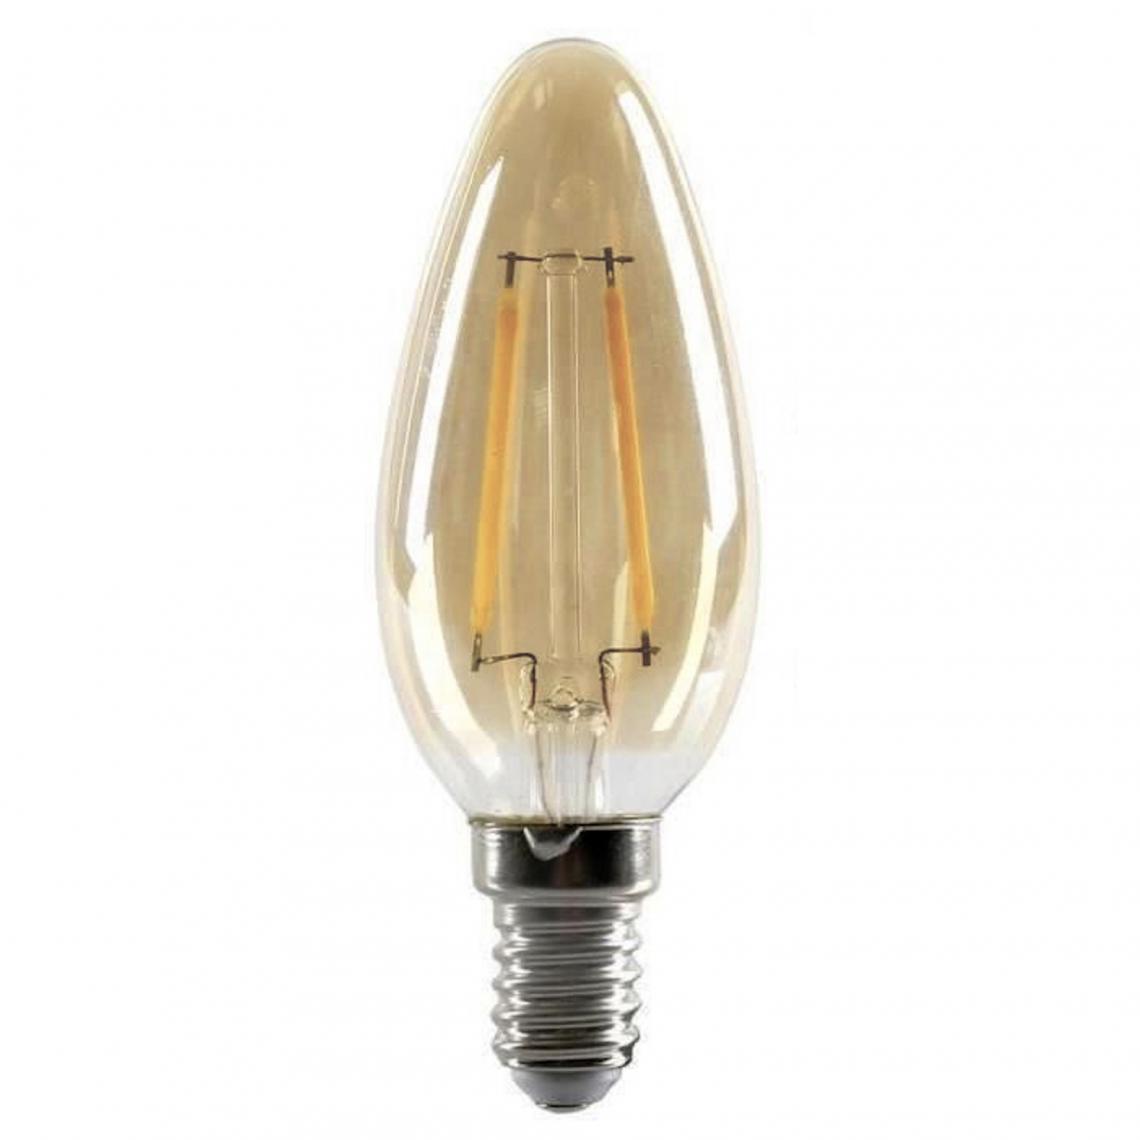 Ampoule LED Rétro Flamme 2W h,9,8 Dimmable LYS